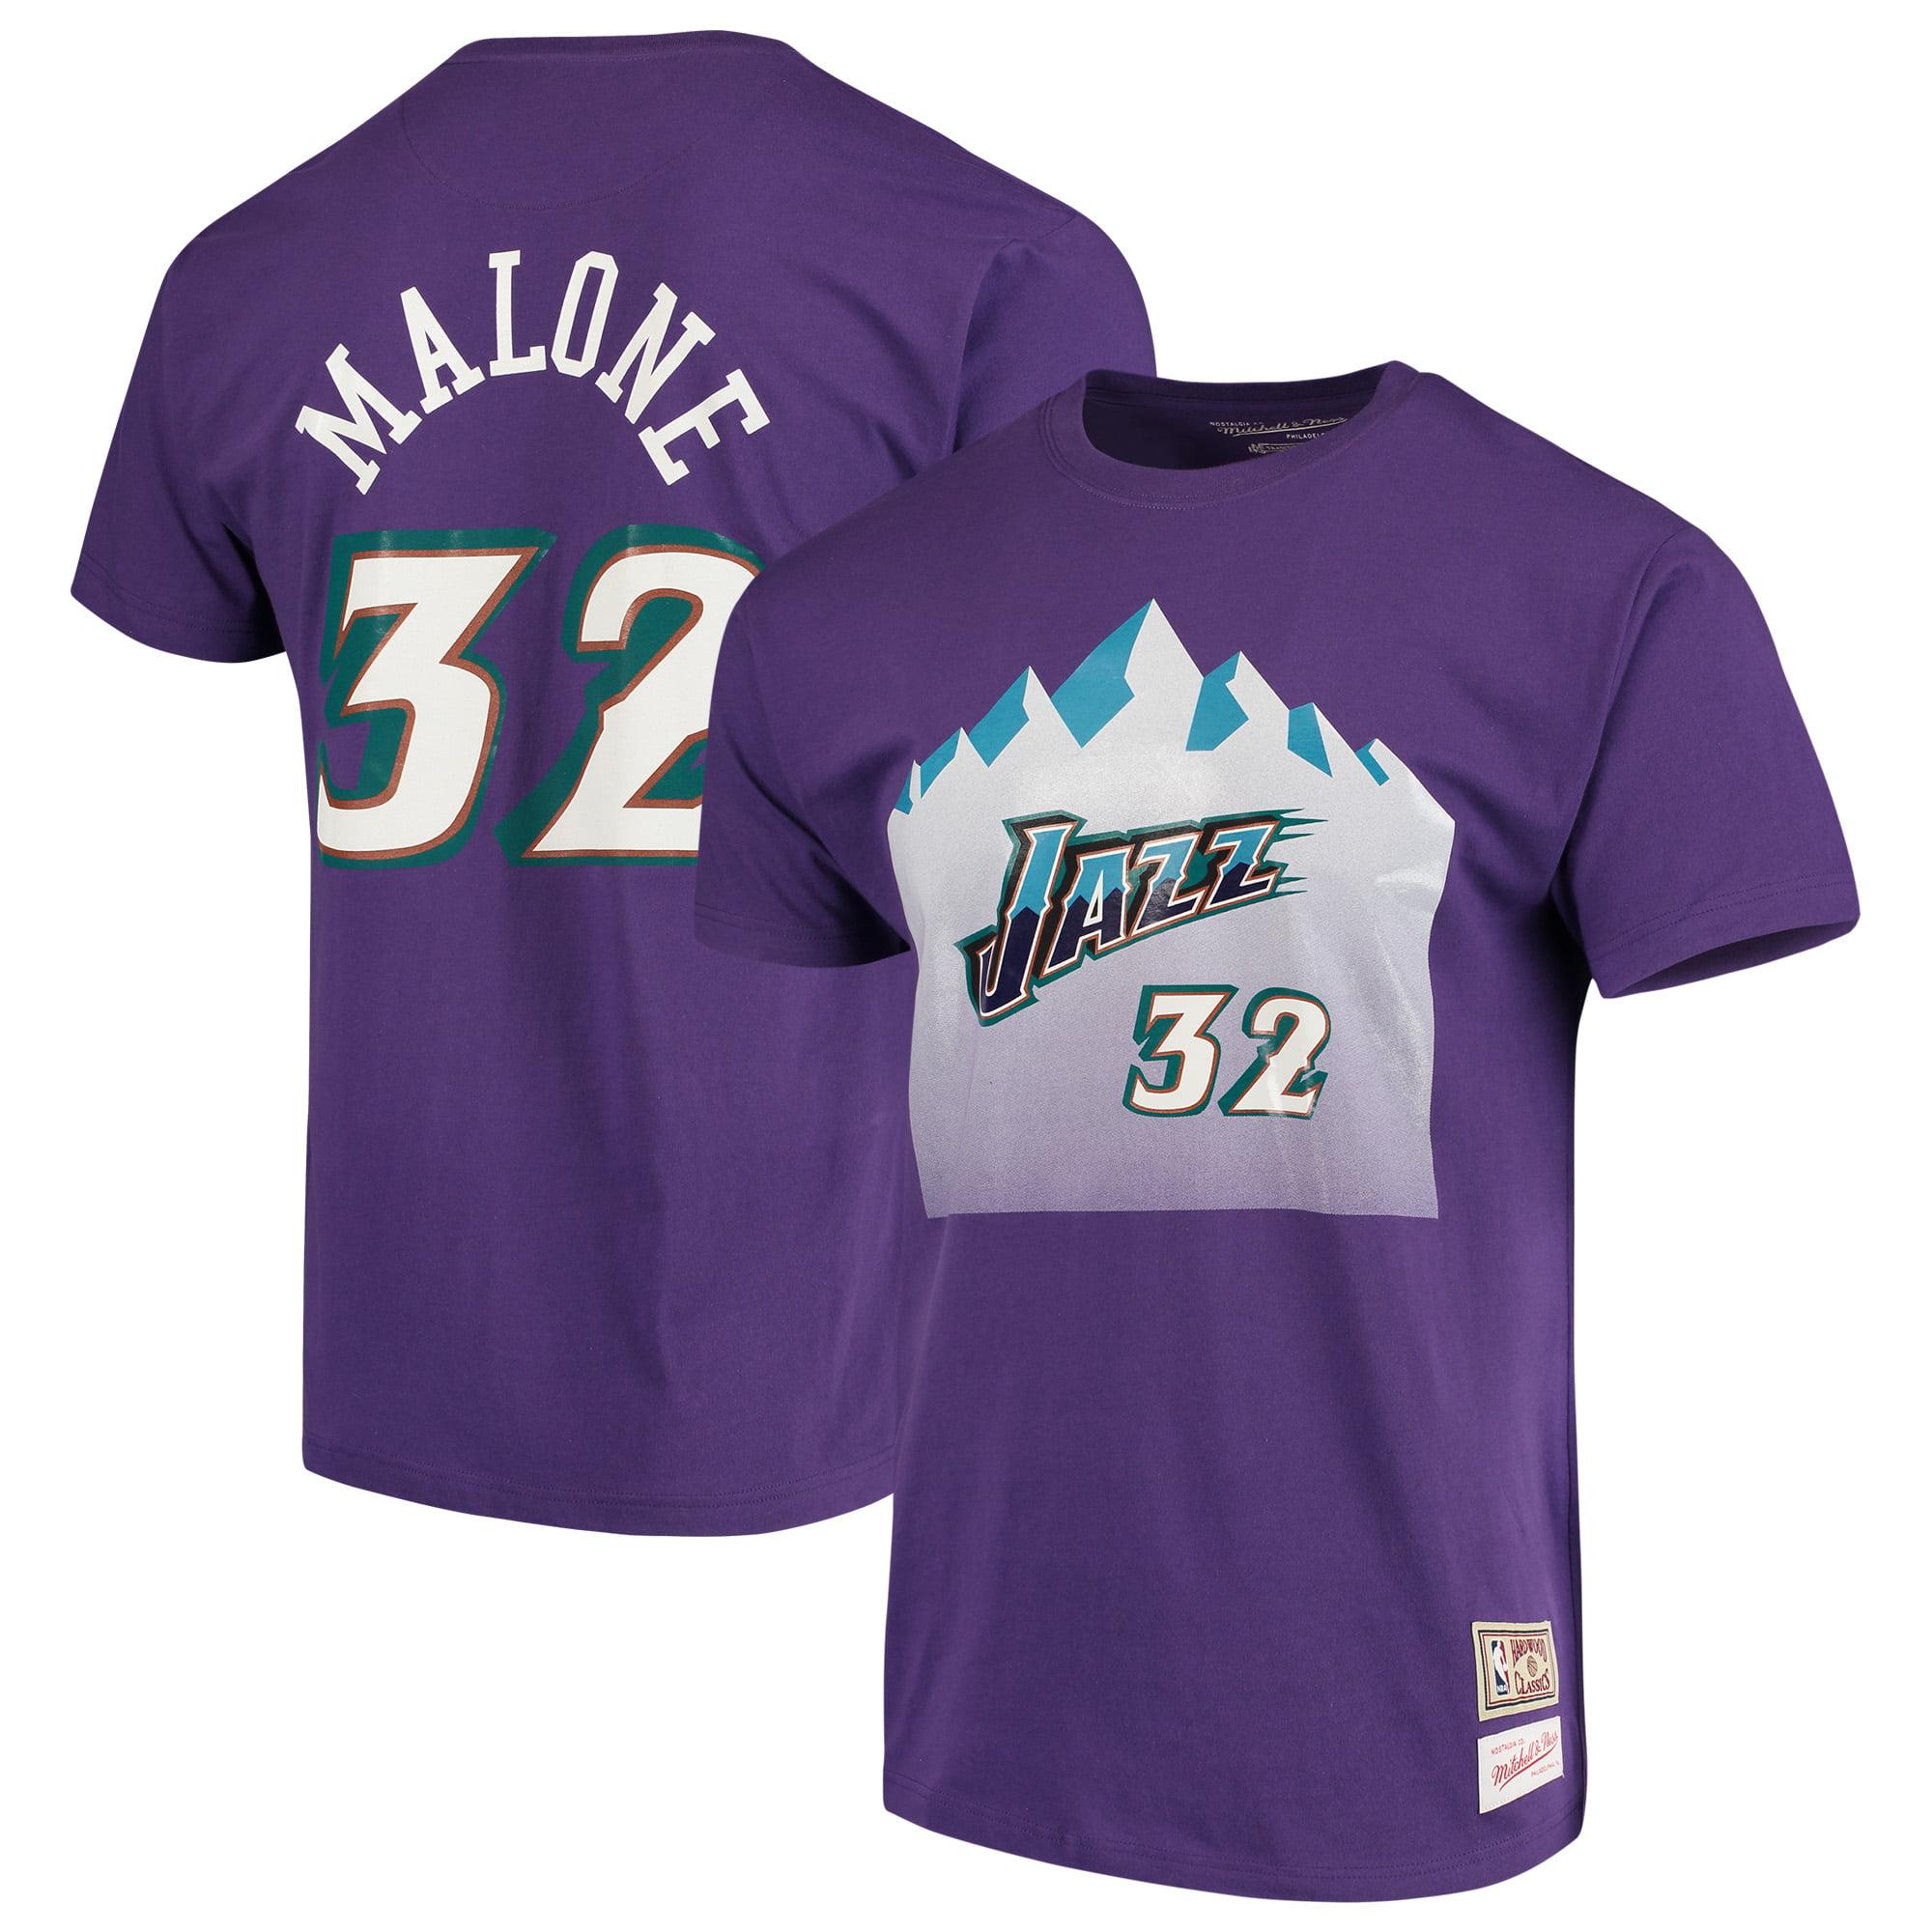 Karl Malone Utah Jazz Mitchell & Ness Hardwood Classics Team Name & Number T-Shirt - Purple